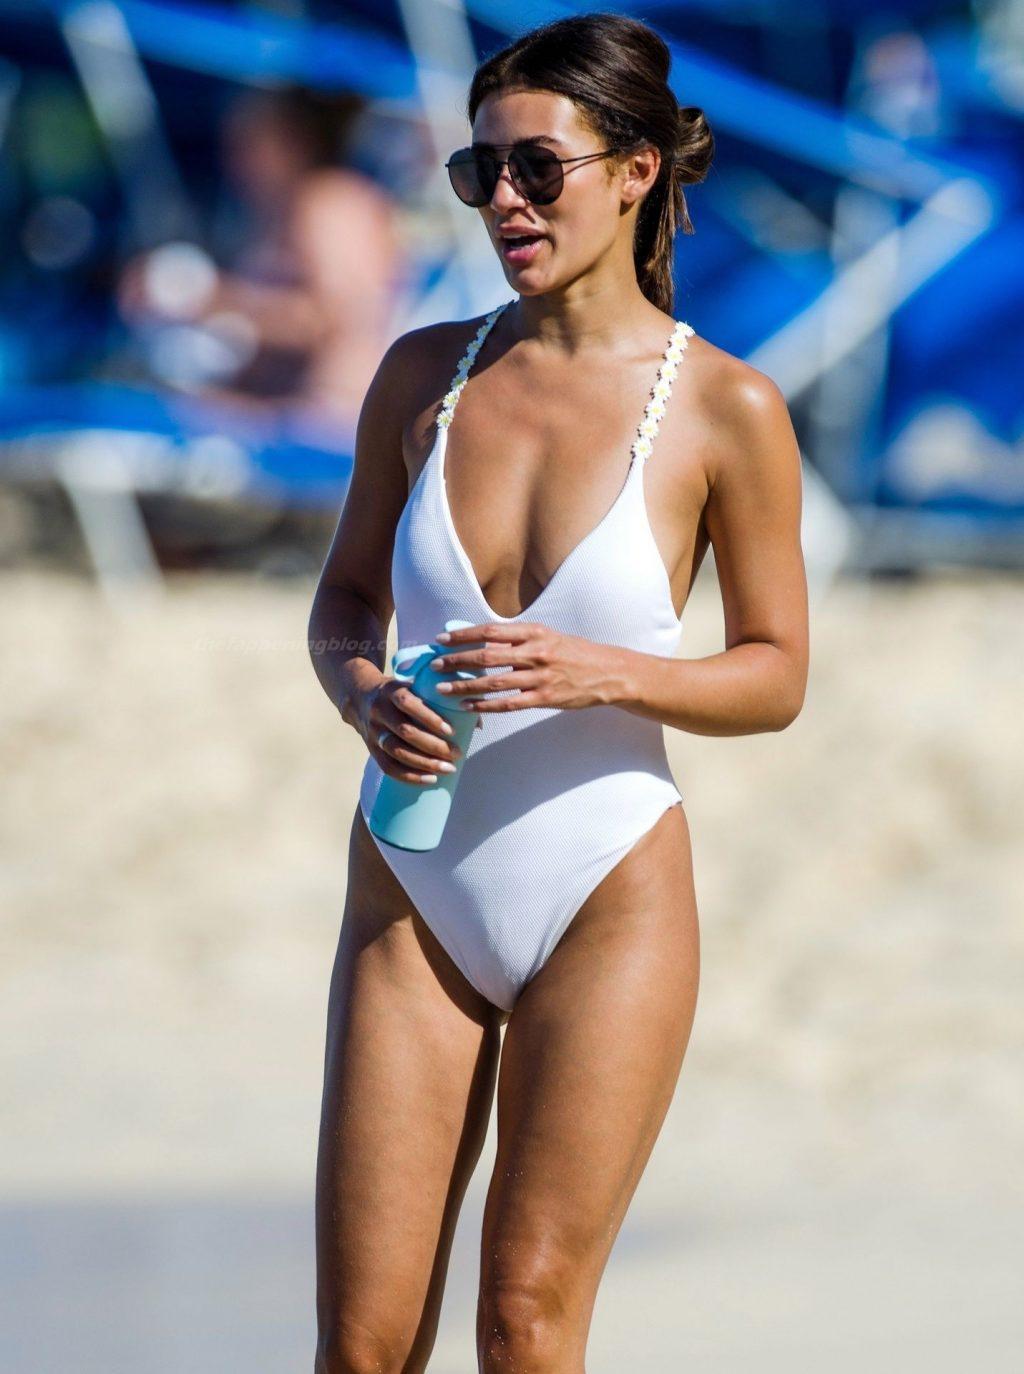 Montana Brown Has Fun in the Sun on the Beach in Barbados (70 Photos)